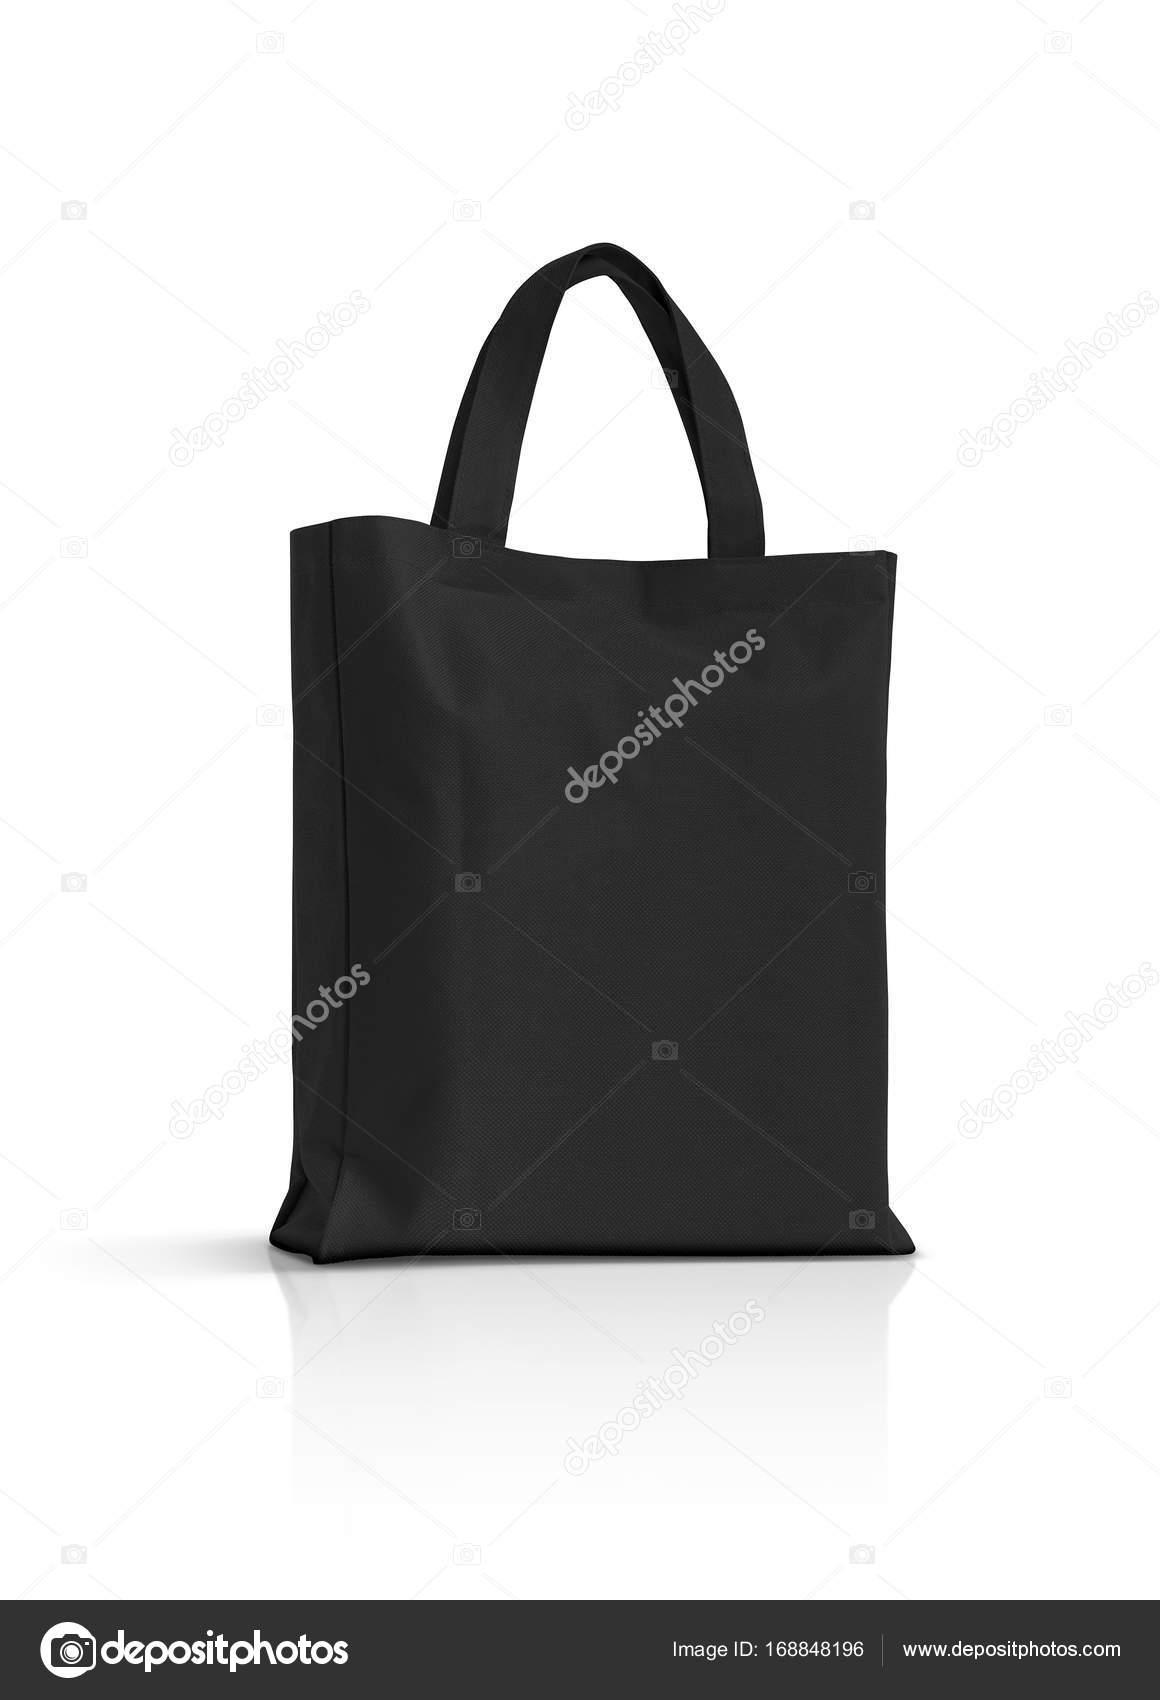 da1ec209f7348 Leere schwarze Stoff Canvas Tasche isoliert auf weißem Hintergrund —  Stockfoto